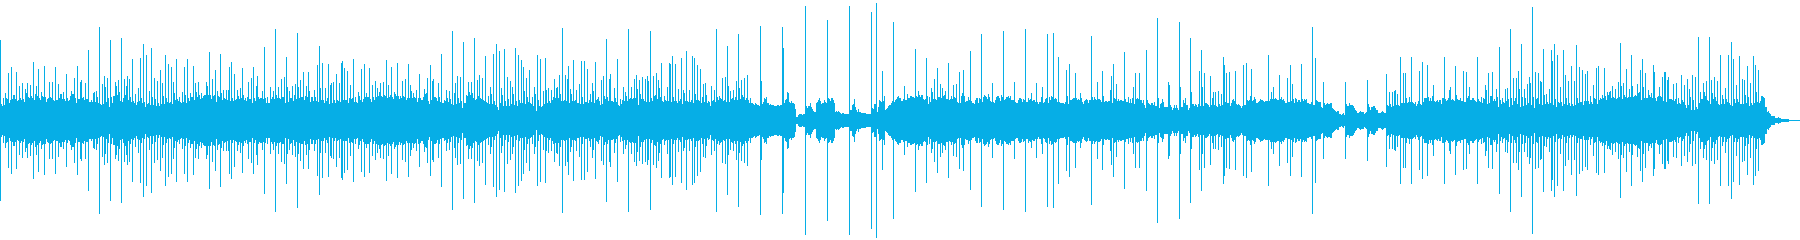 ゲームのステージBGM(森林系)の再生済みの波形